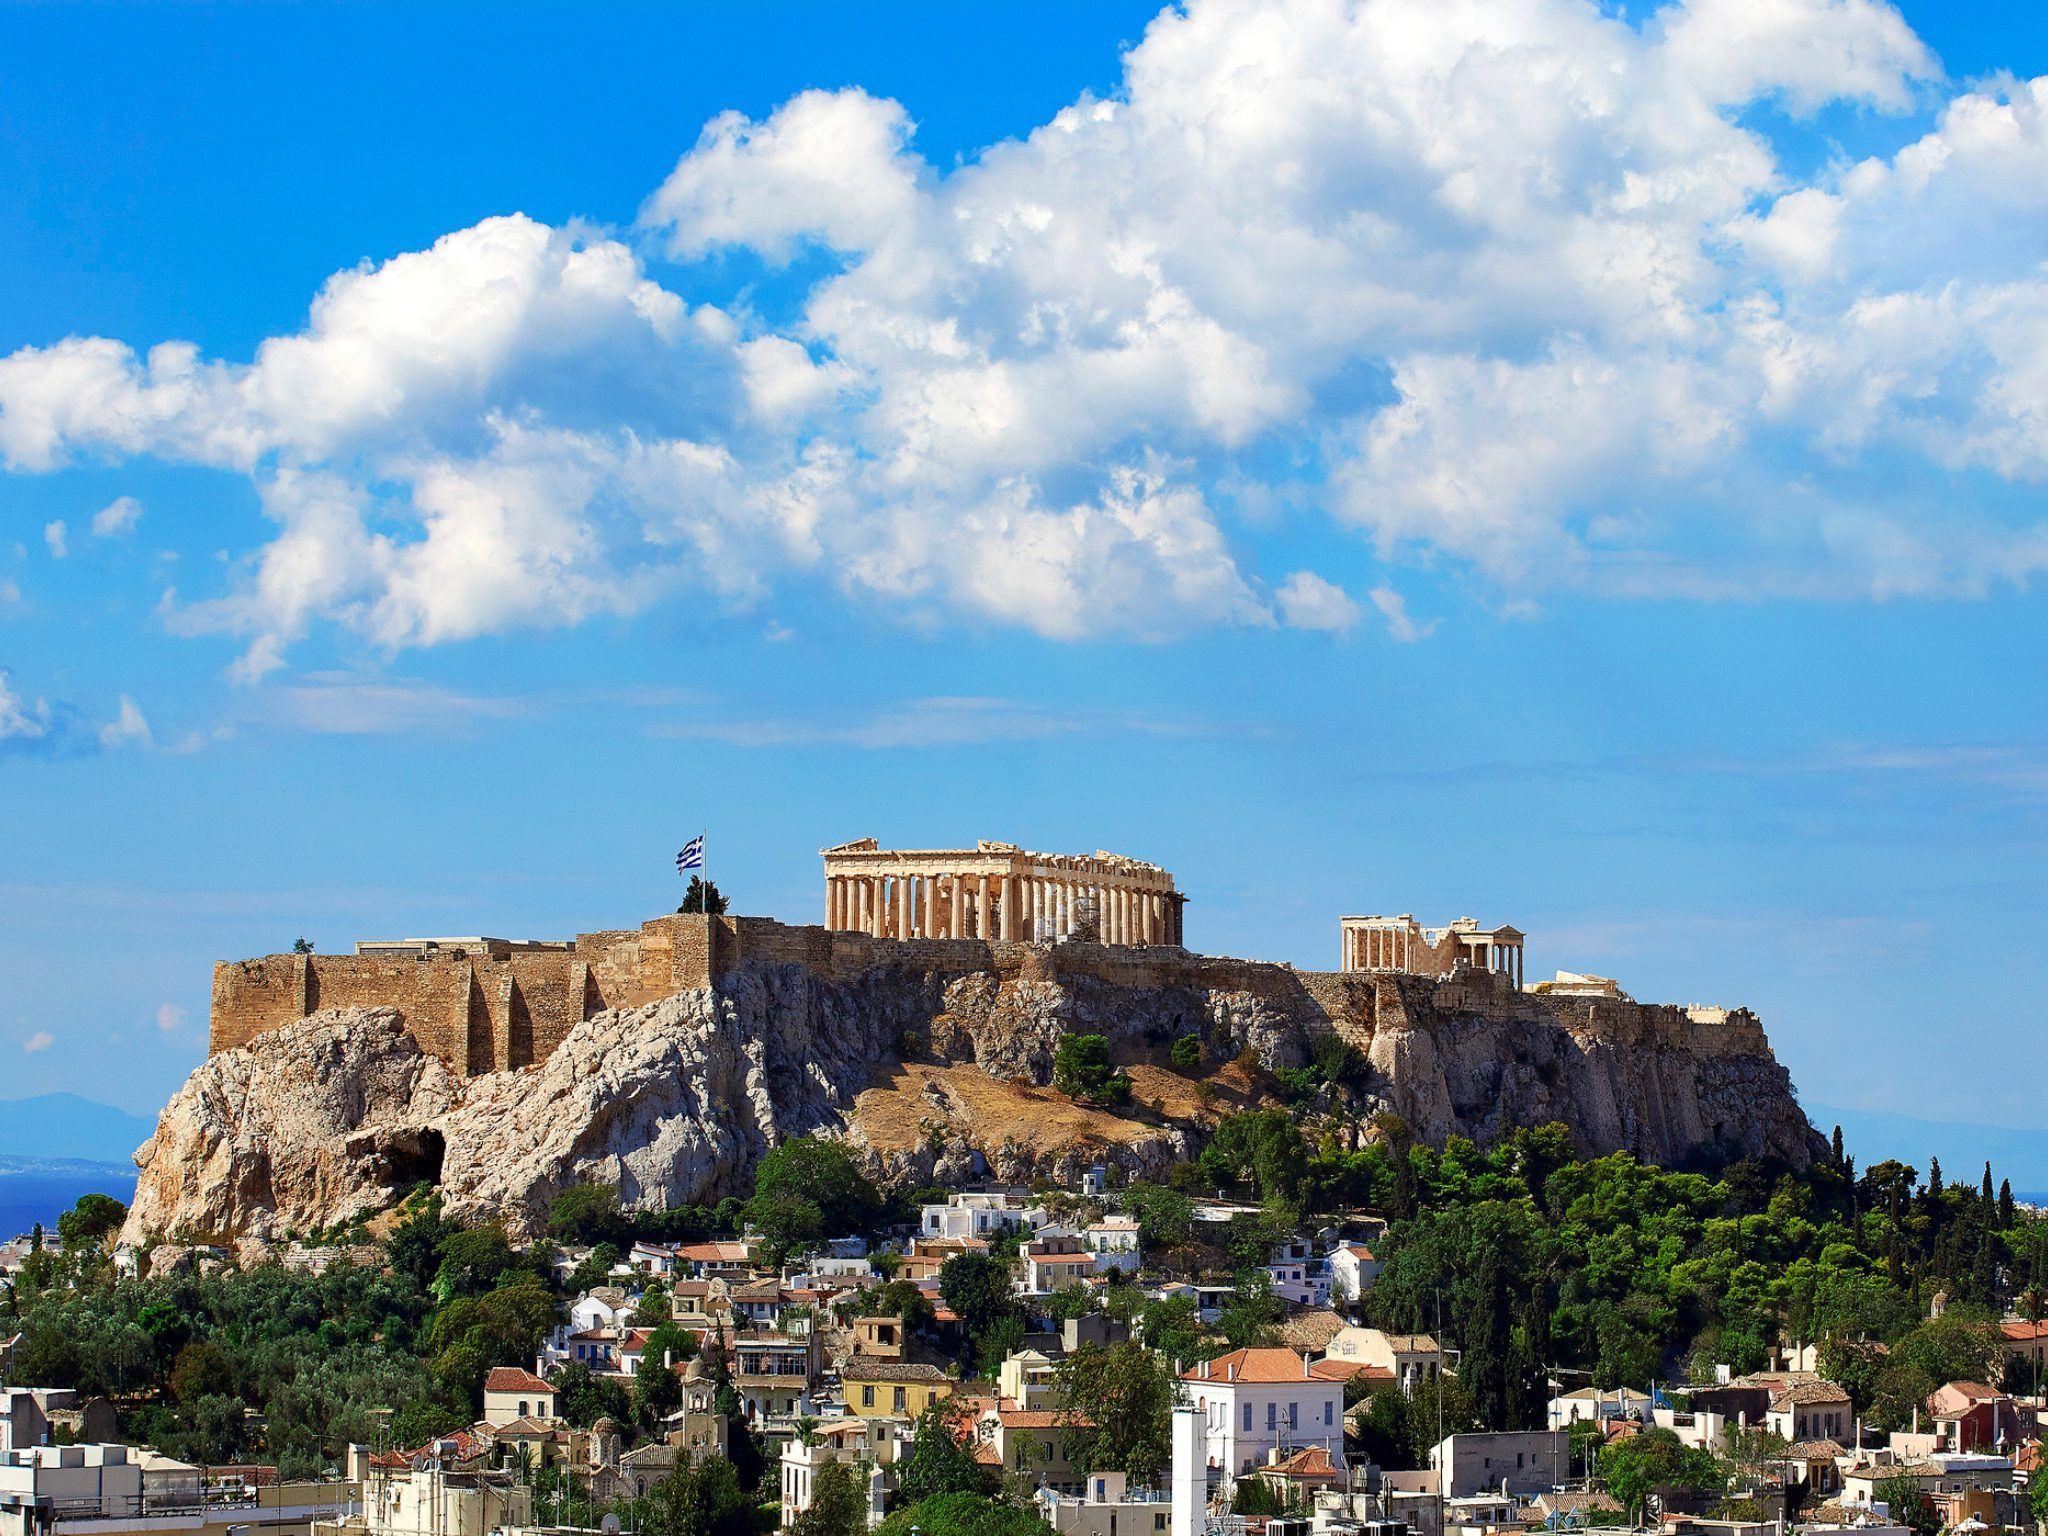 The Parthenon at daytime